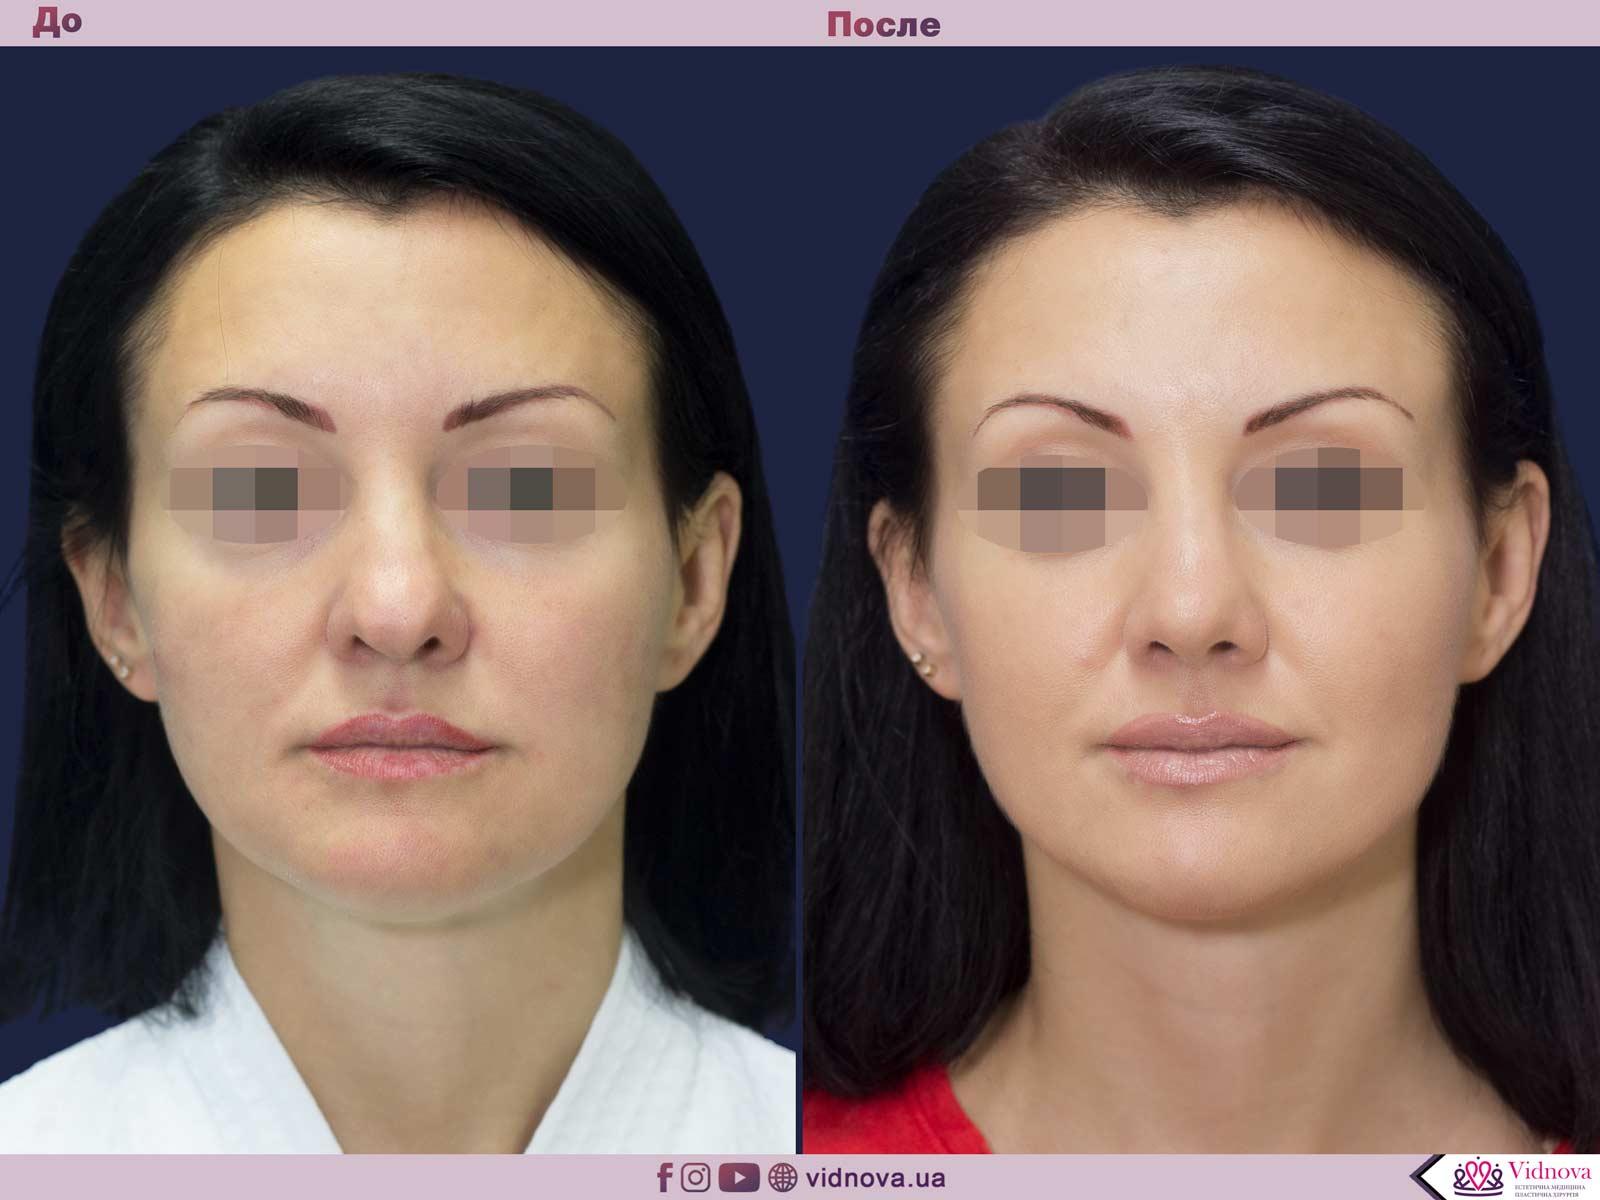 Ринопластика: Фото ДО и ПОСЛЕ - Пример №7-1 - Клиника Vidnova